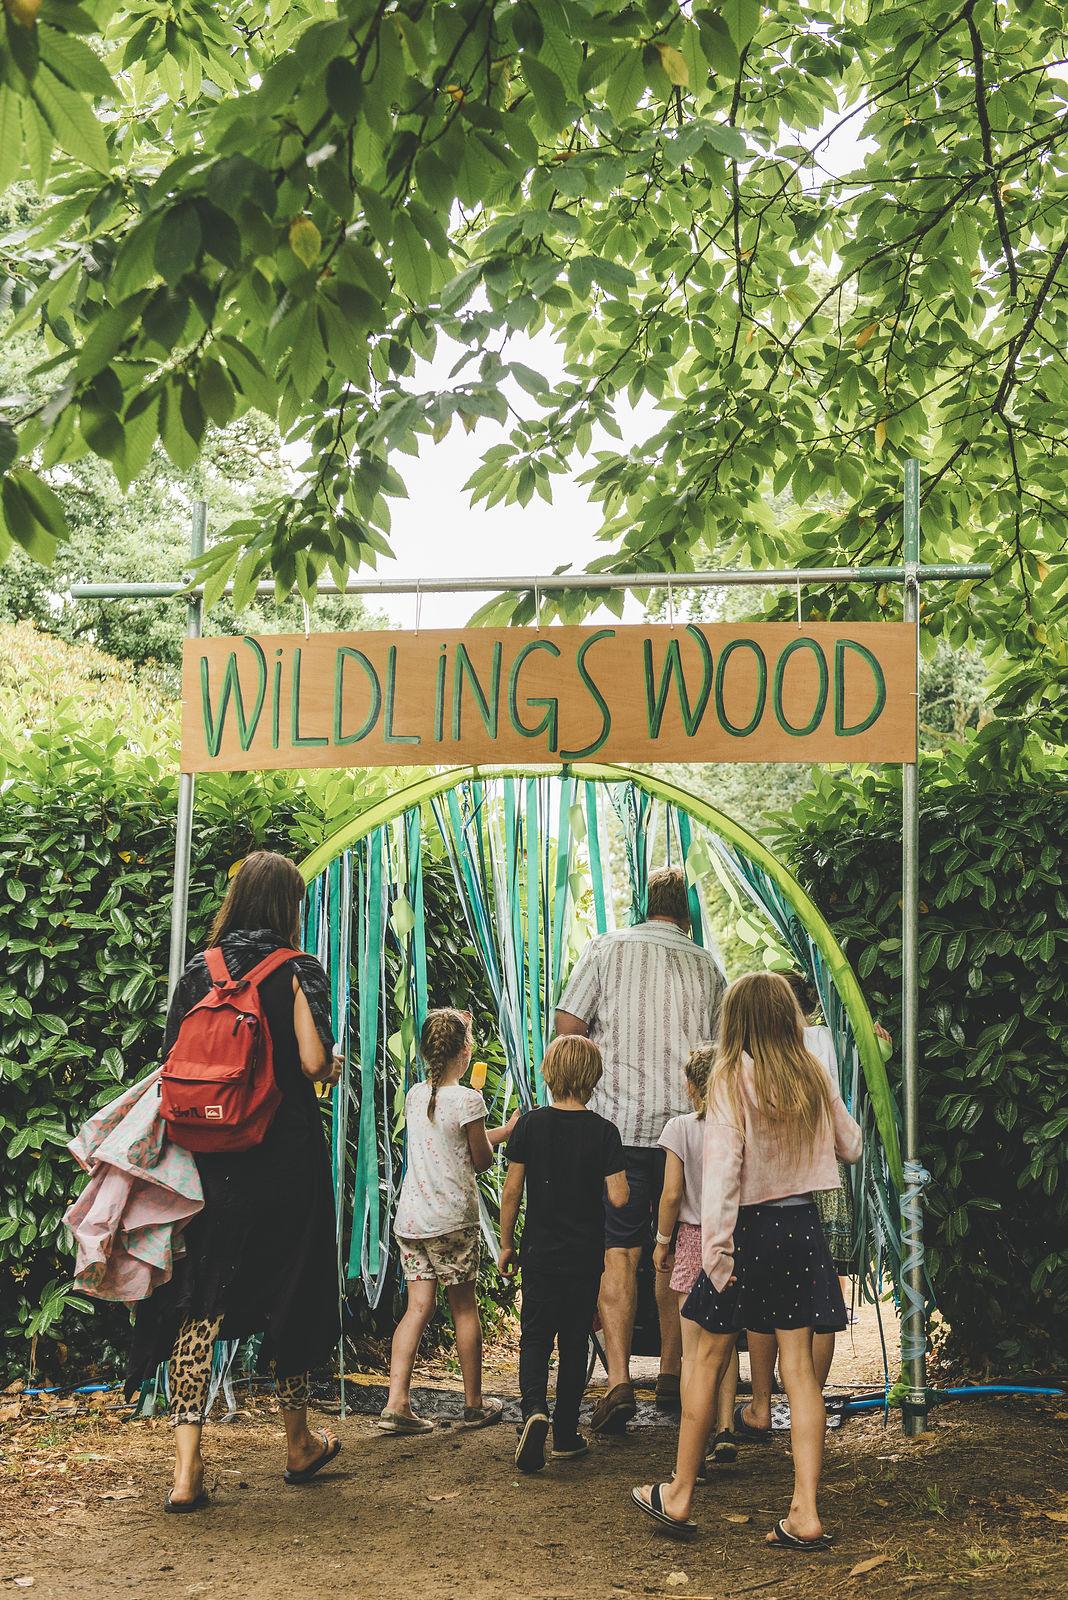 Wilding's Wood